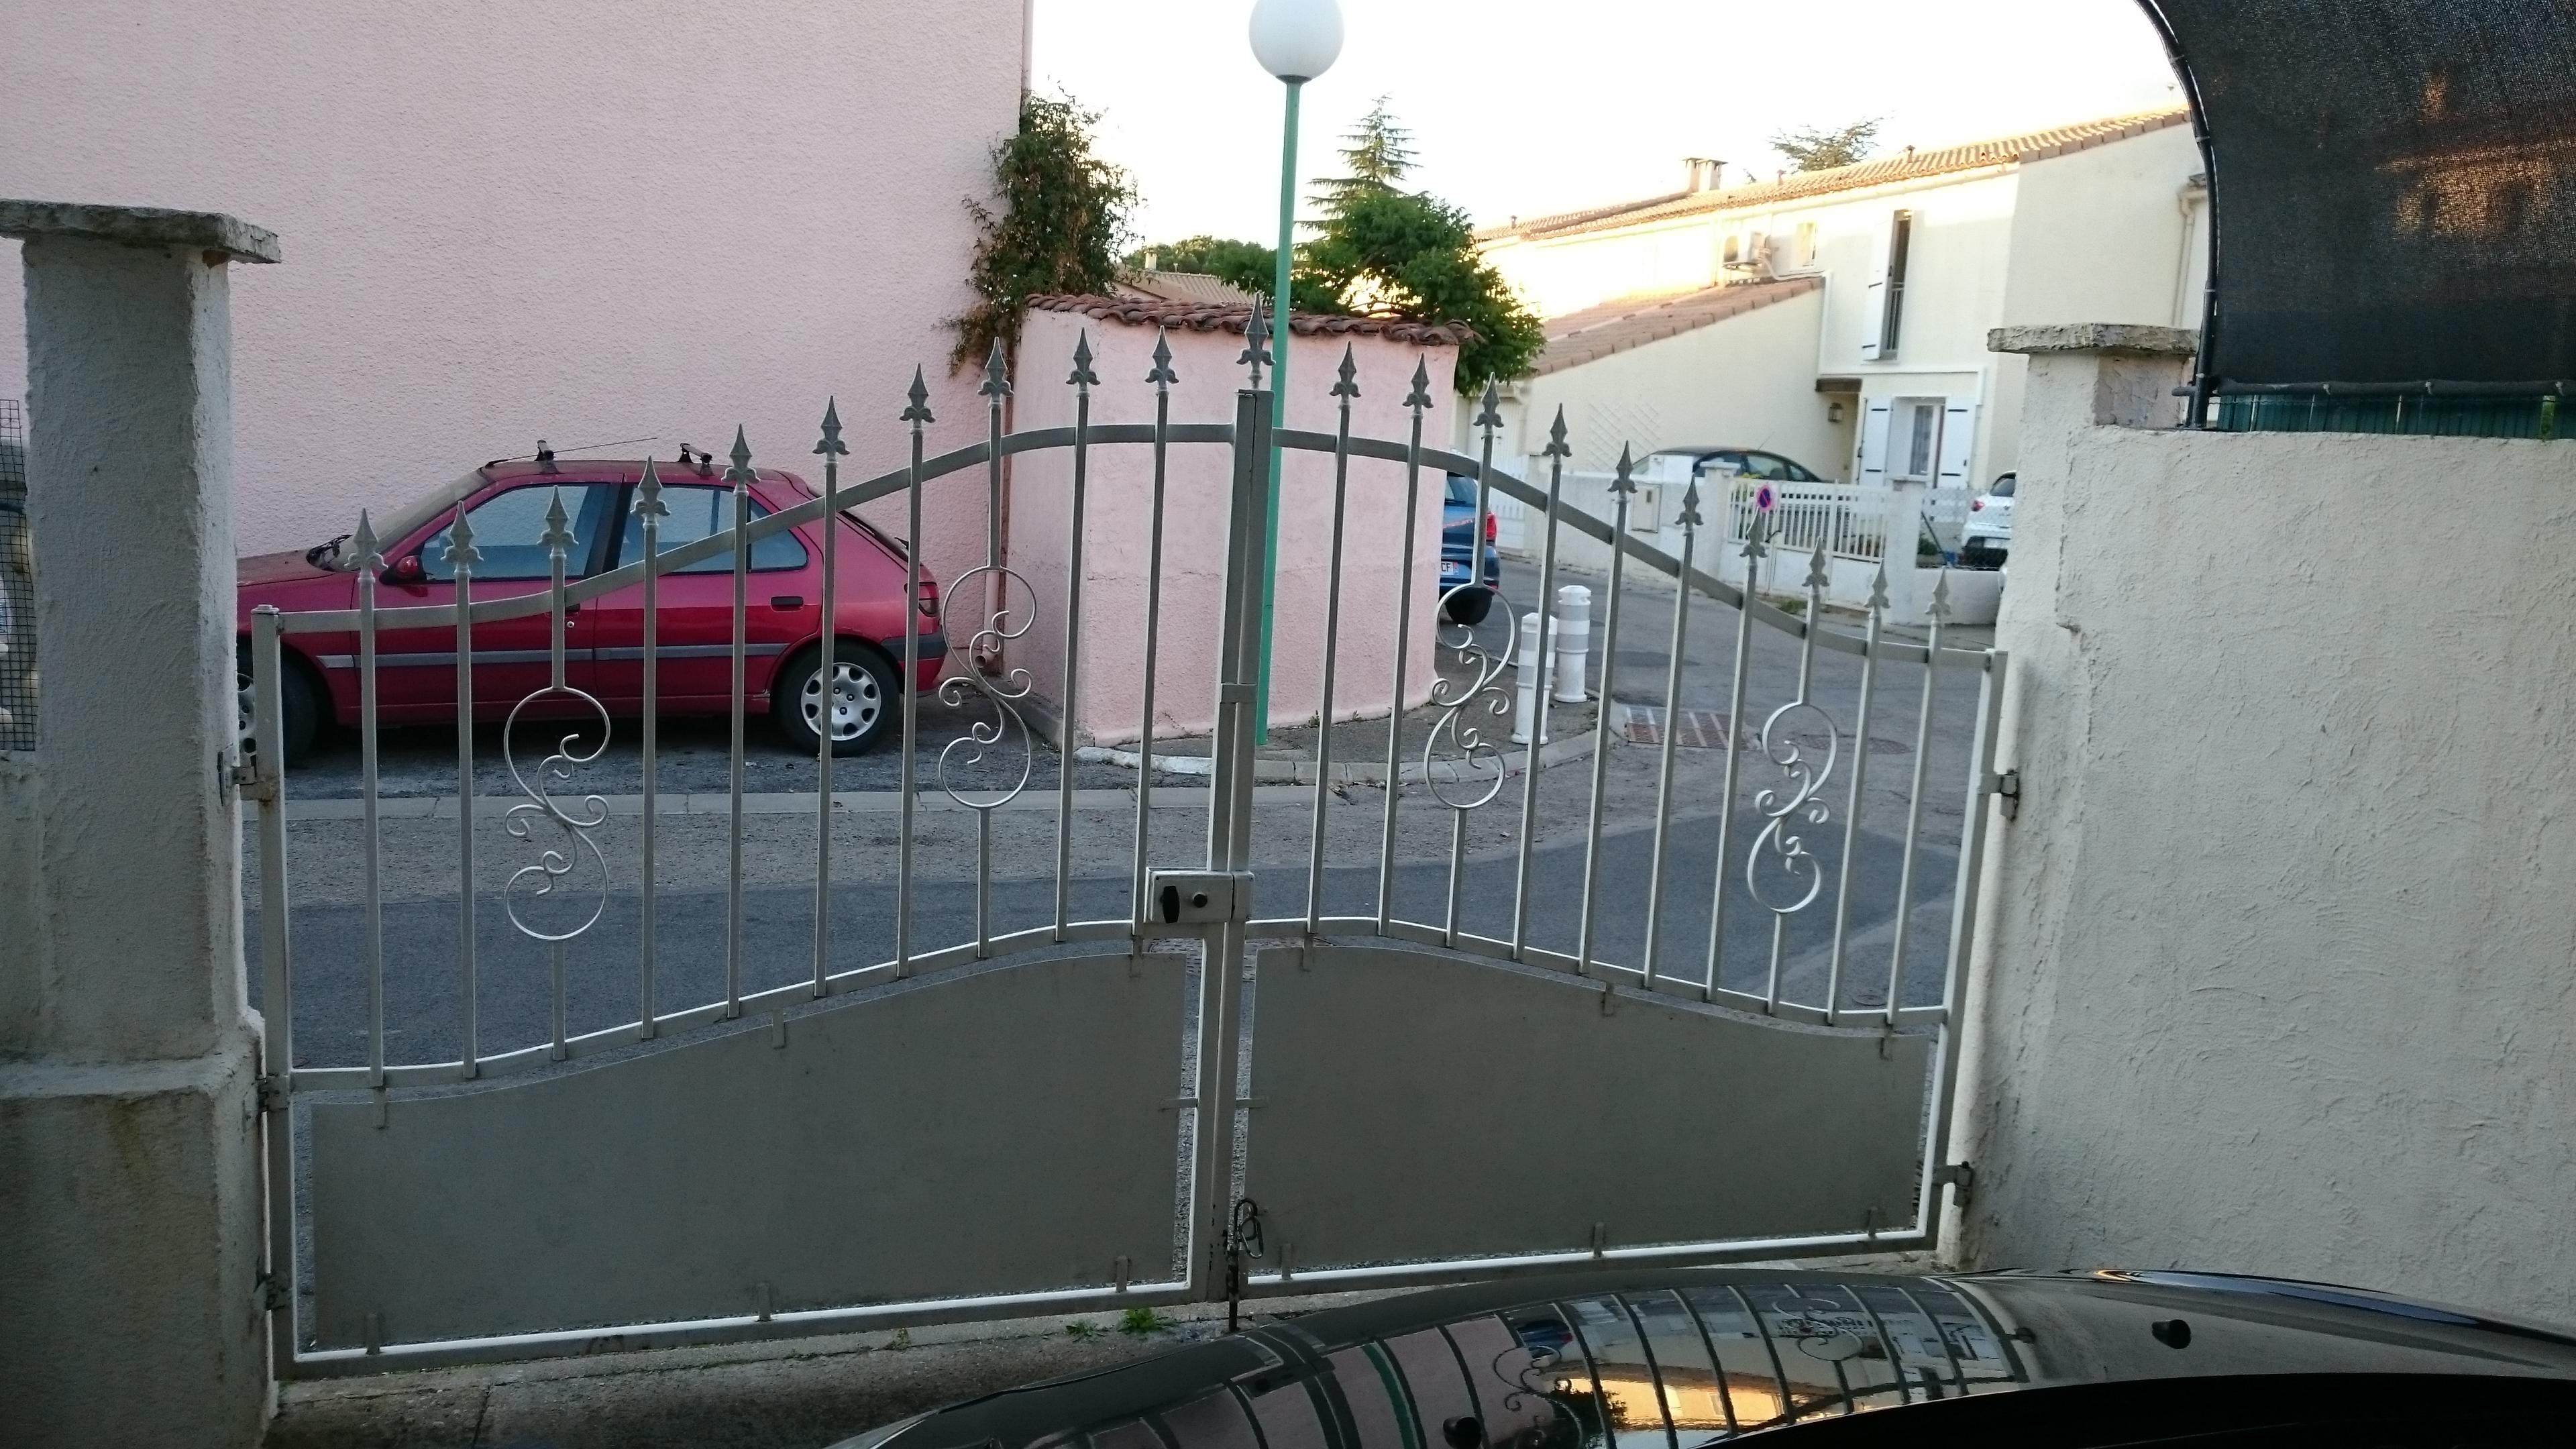 Comment Motoriser Un Portail intérieur portail 2 vantaux sur piliers de forme différente, comment motoriser